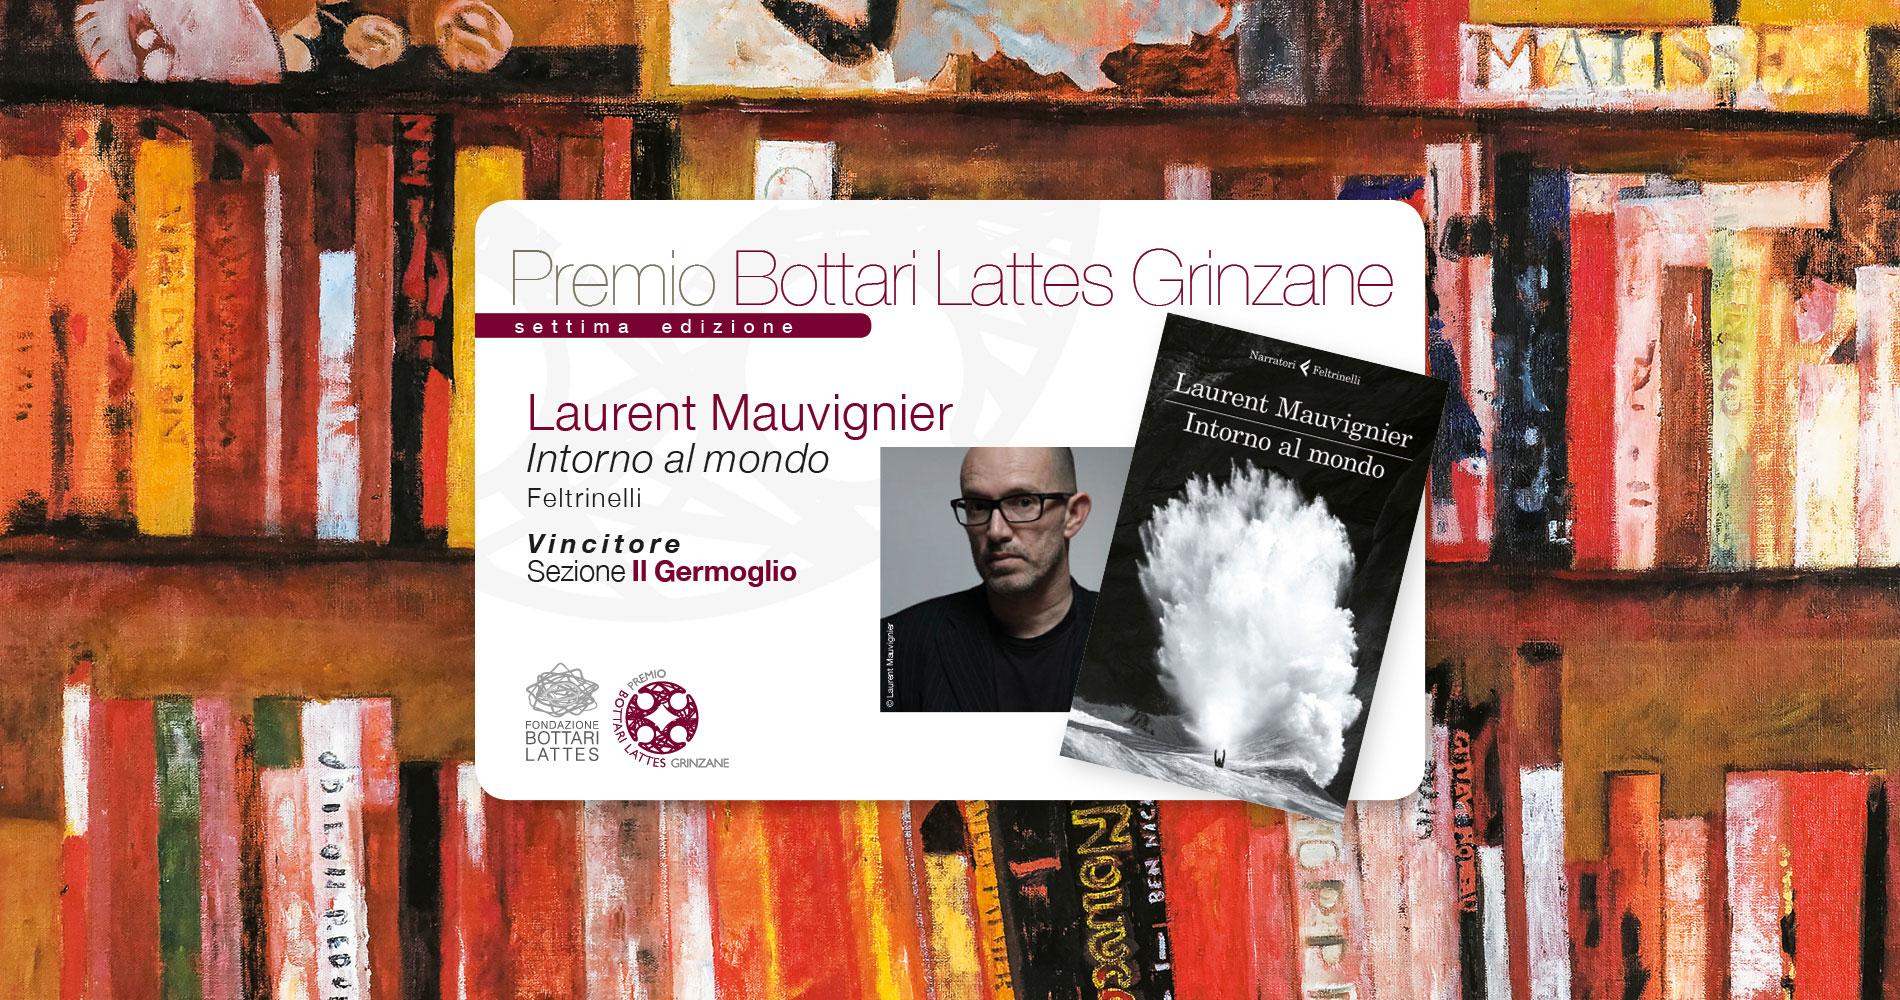 Laurent Mauvignier vincitore Premio Bottari Lattes Grinzane 2017